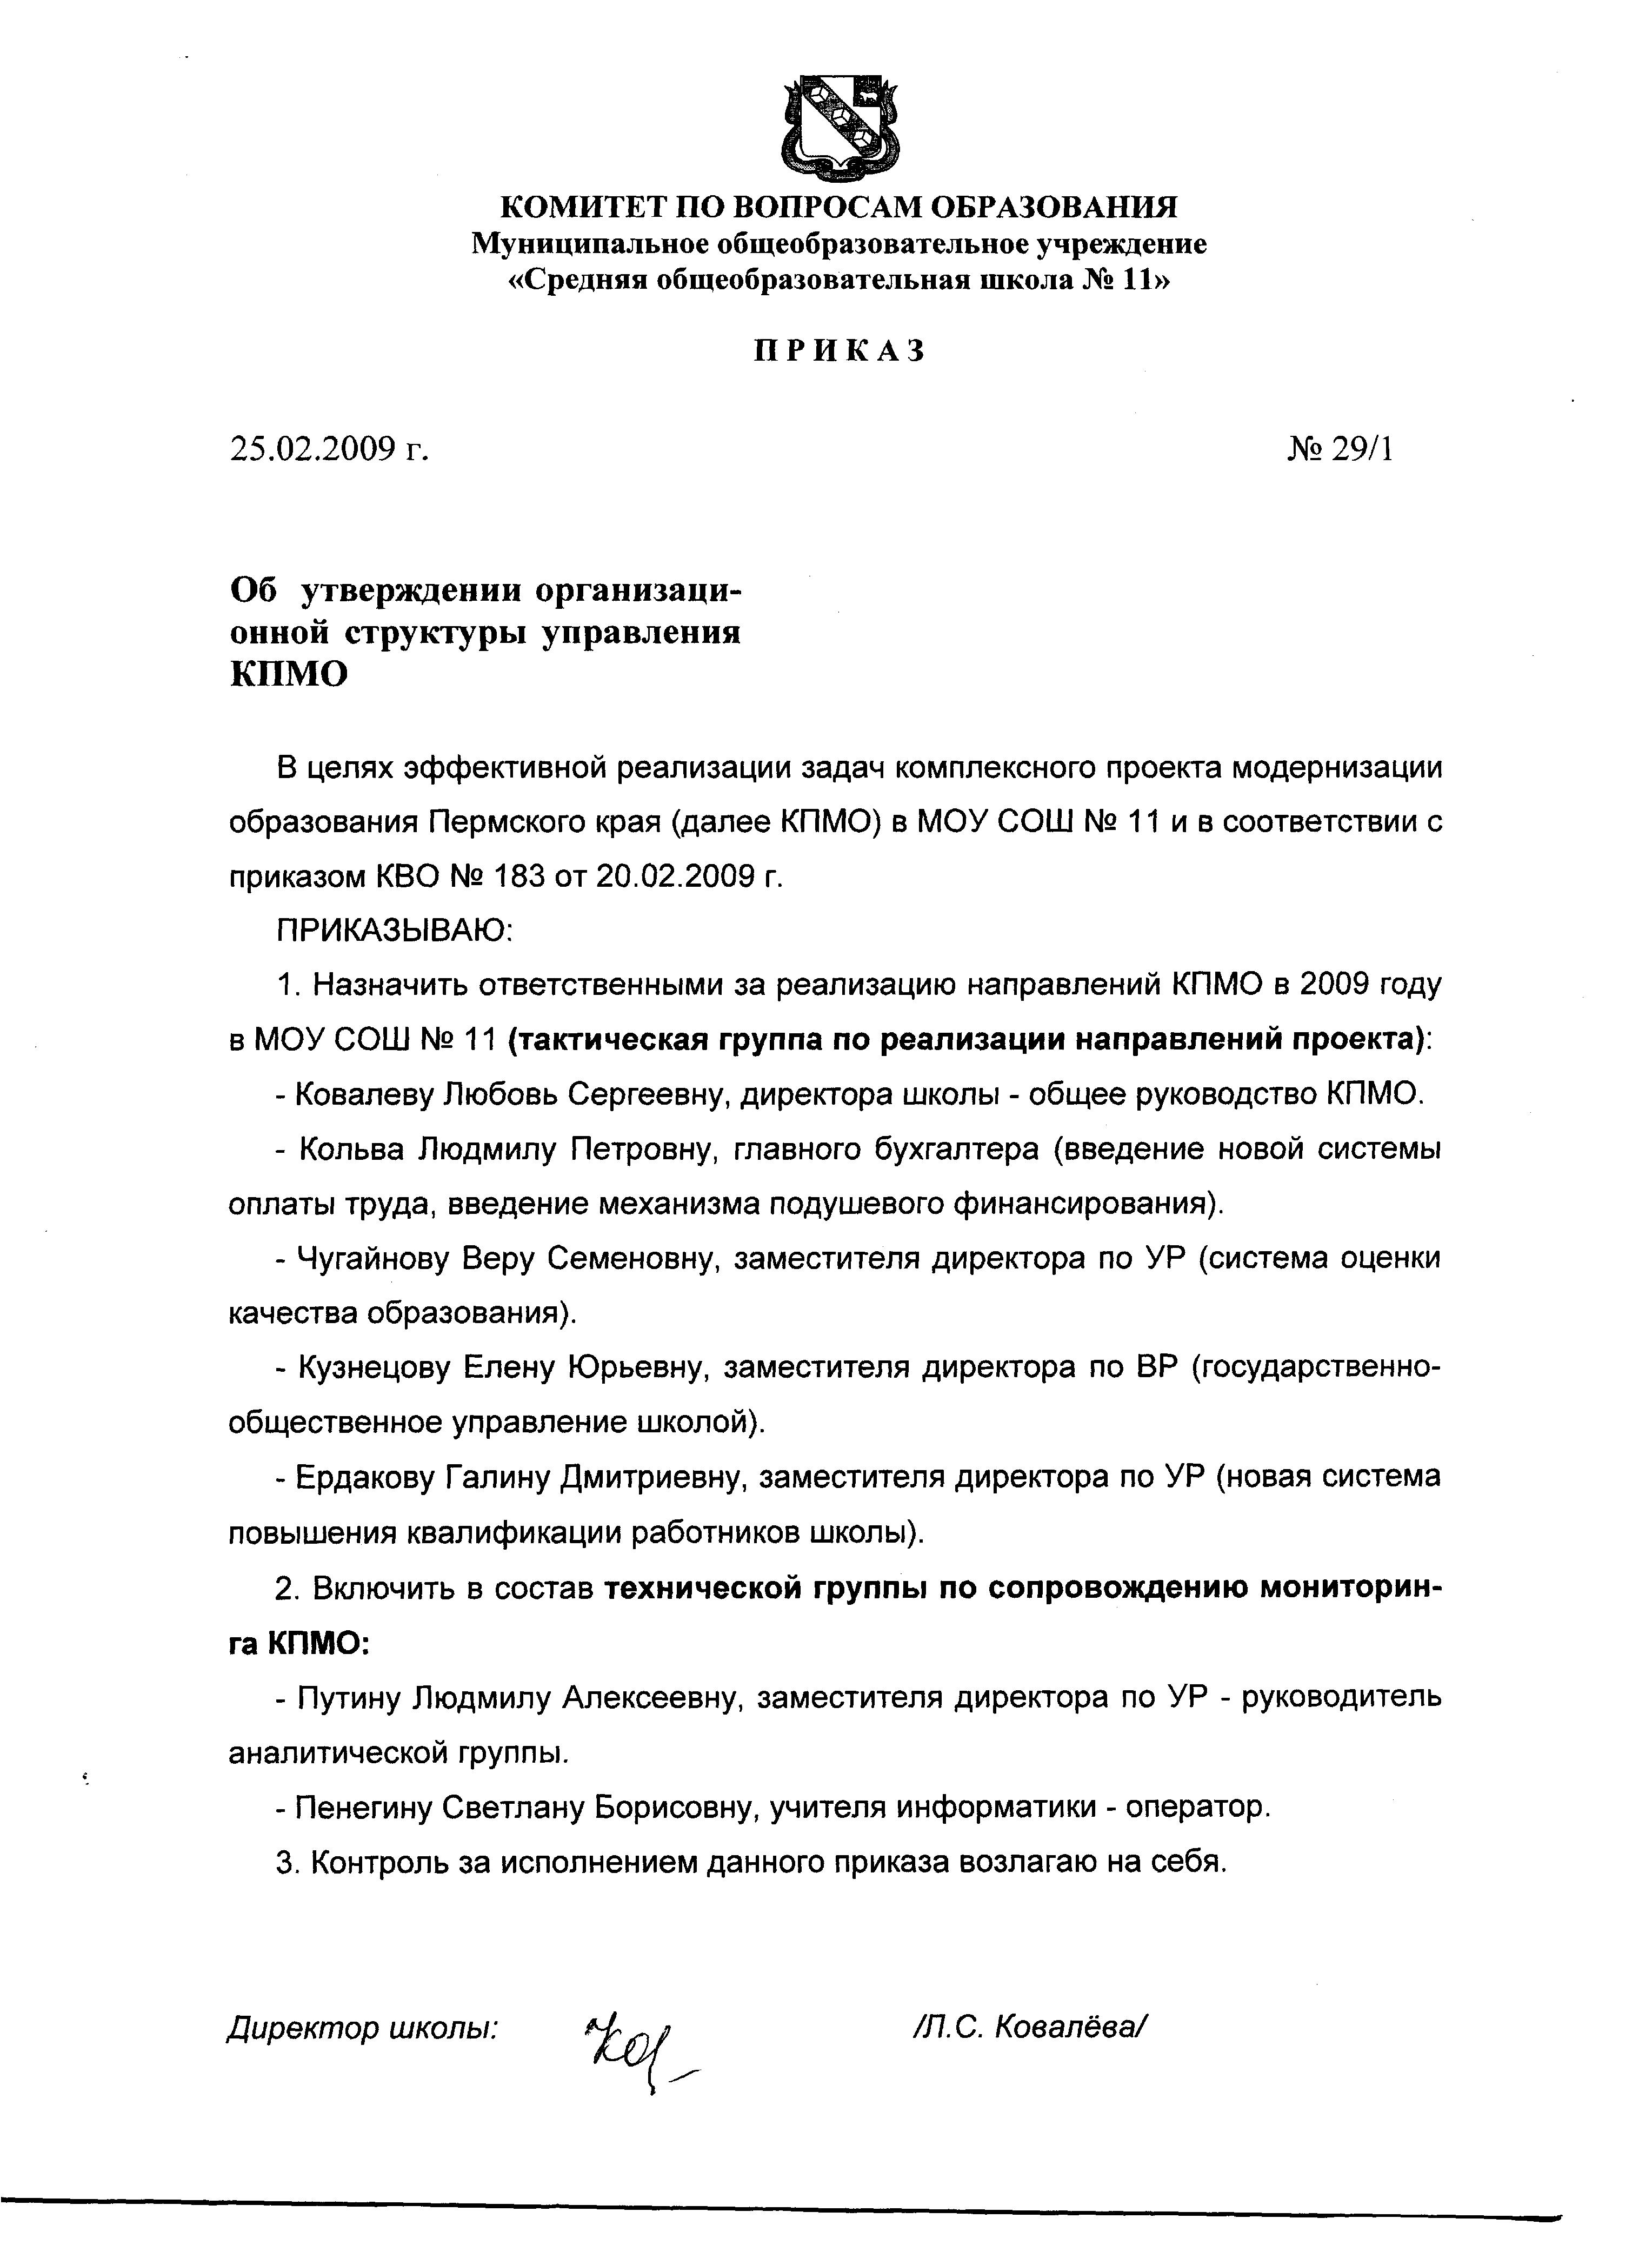 Пример приказа на утверждение инструкций по охране труда